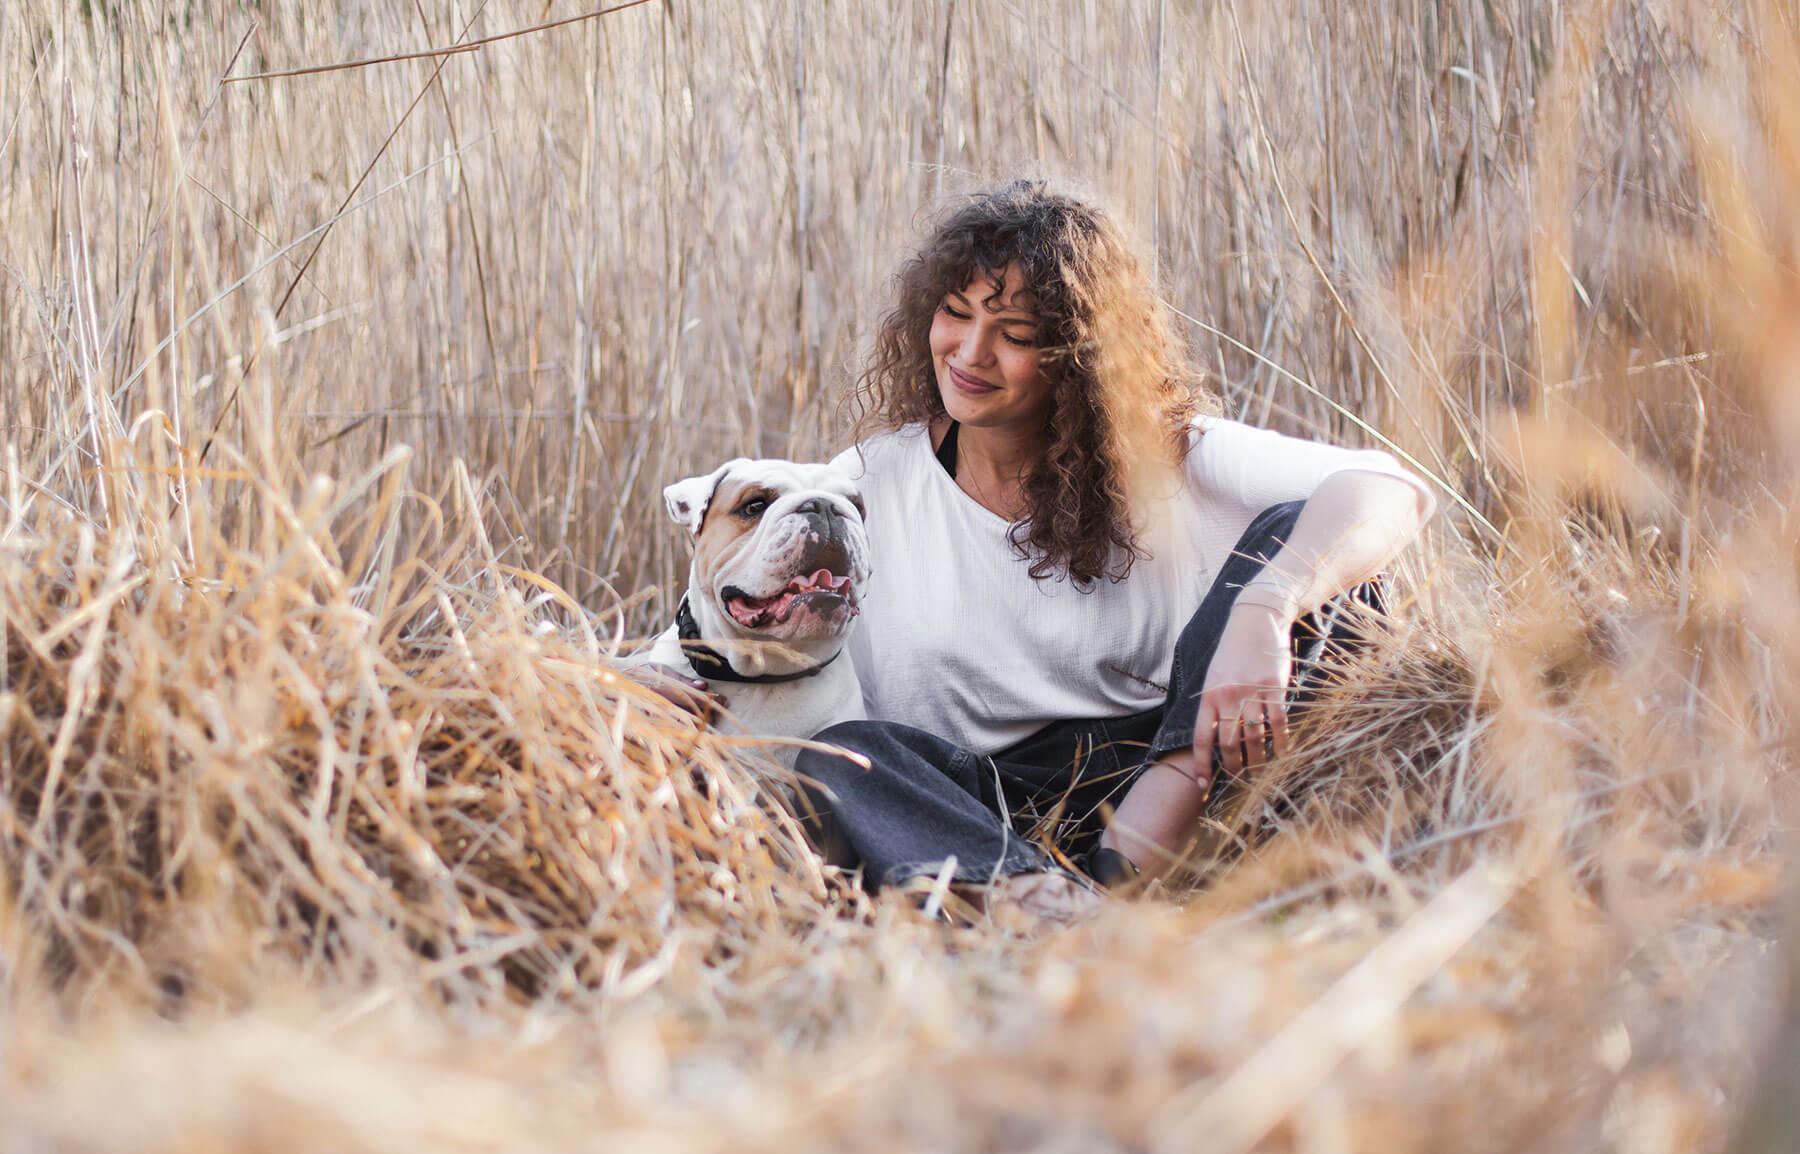 Die Stadthunde Alexandra Stanic Photographin Fotografin Schriftstellerin Journalistin Tito Englische Bulldogge Portrait Jolly Schwarz Photography Alexandra Stalzer Grafikdesign Wien Hunde Stadt